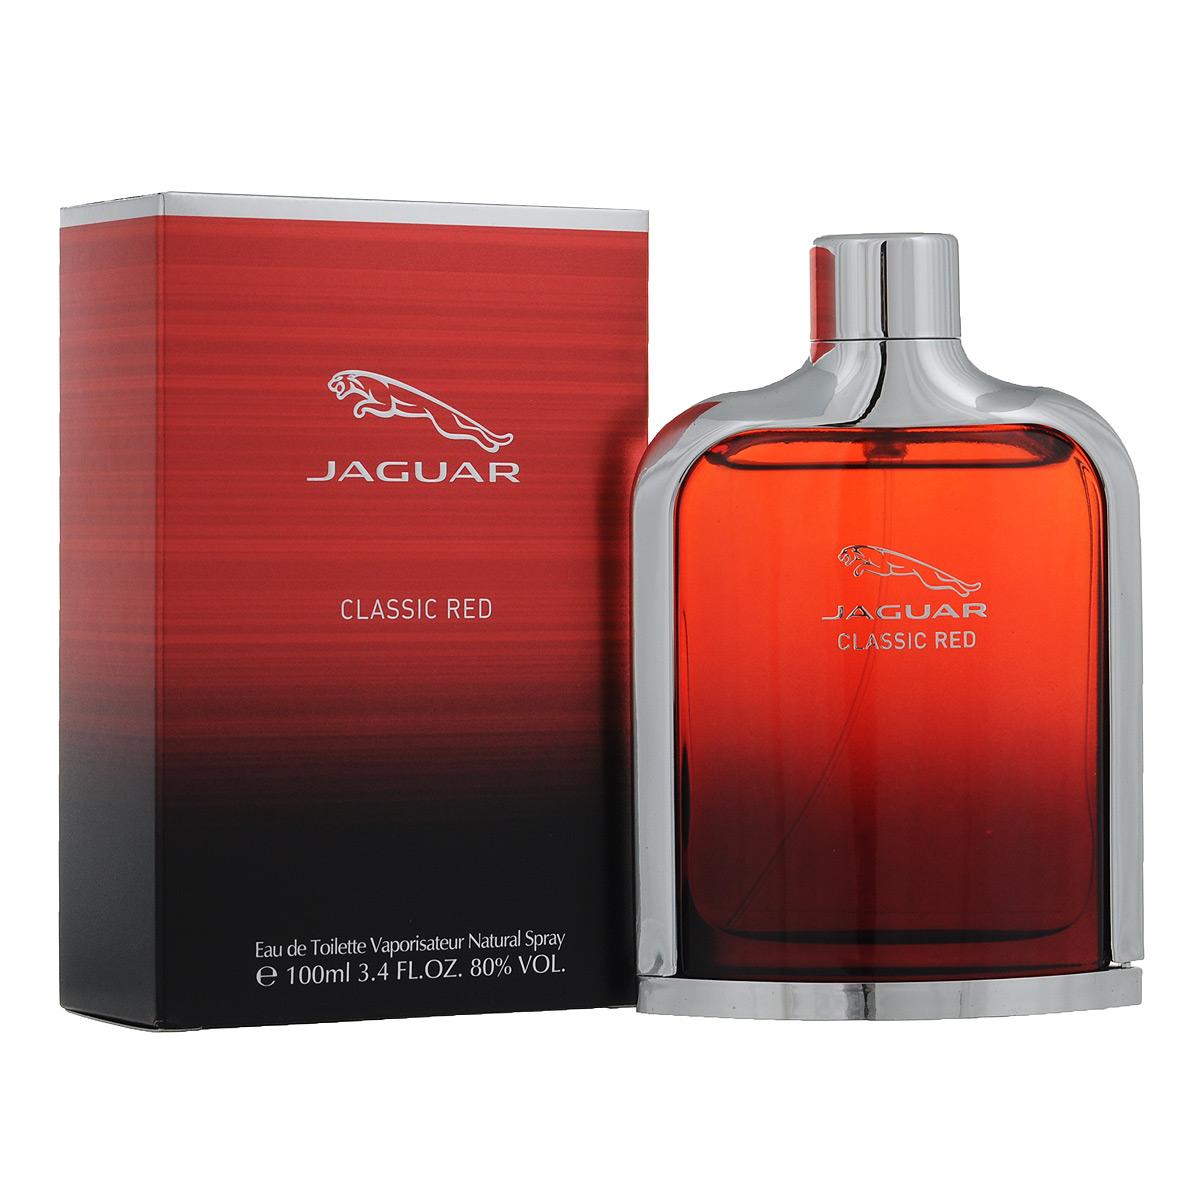 Jaguar Туалетная вода Classic Red, мужская, 100 млJ370320Мужская туалетная вода Classic Red от Jaguar создана парфюмером Карин Дюбрей Серени. Классификация аромата : древесный, пряный. Пирамида аромата : Верхние ноты: сицилийский бергамот, малина, черника. Ноты сердца: жасмин, перец, кислород. Ноты шлейфа: пачули, кедр, амбра, бобы тонки, ваниль. Ключевые слова Яркий, мужественный, элегантный! Туалетная вода - один из самых популярных видов парфюмерной продукции. Туалетная вода содержит 4-10% парфюмерного экстракта. Главные достоинства данного типа продукции заключаются в доступной цене, разнообразии форматов (как правило, 30, 50, 75, 100 мл), удобстве использования (чаще всего - спрей). Идеальна для дневного использования. Товар сертифицирован.